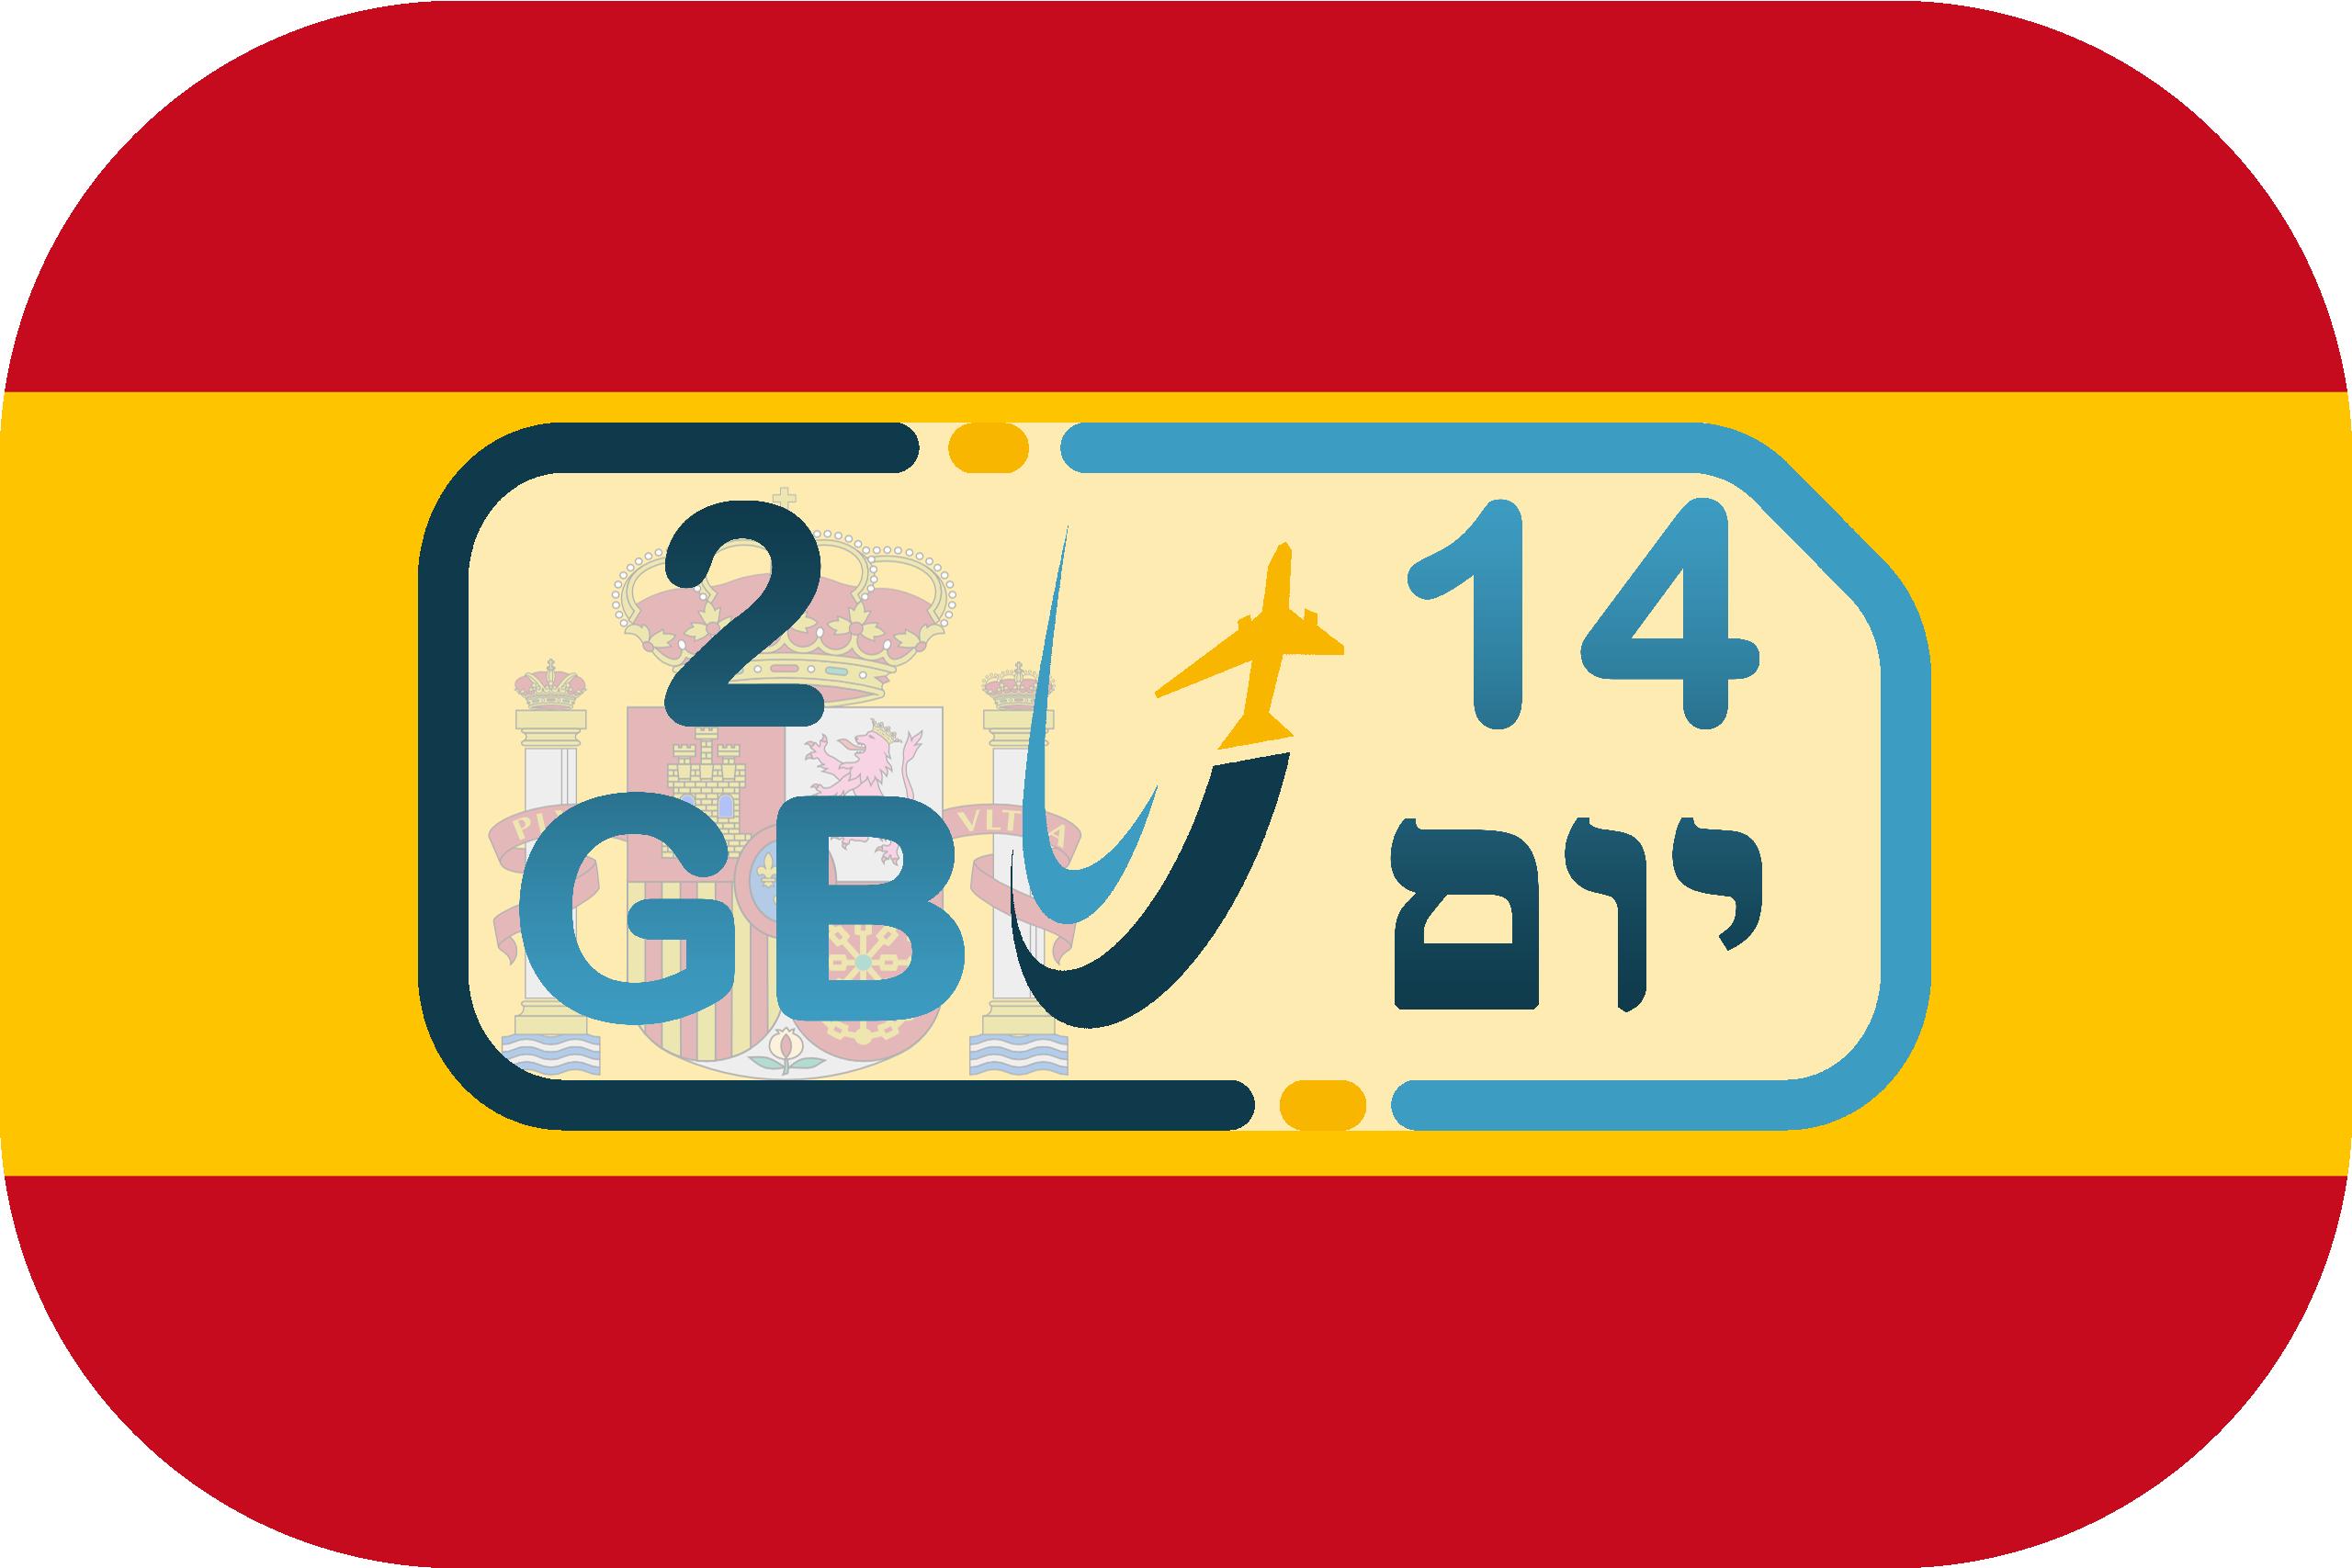 כרטיס סים בספרד – גלישה 2GB (בתוקף ל- 14 יום)